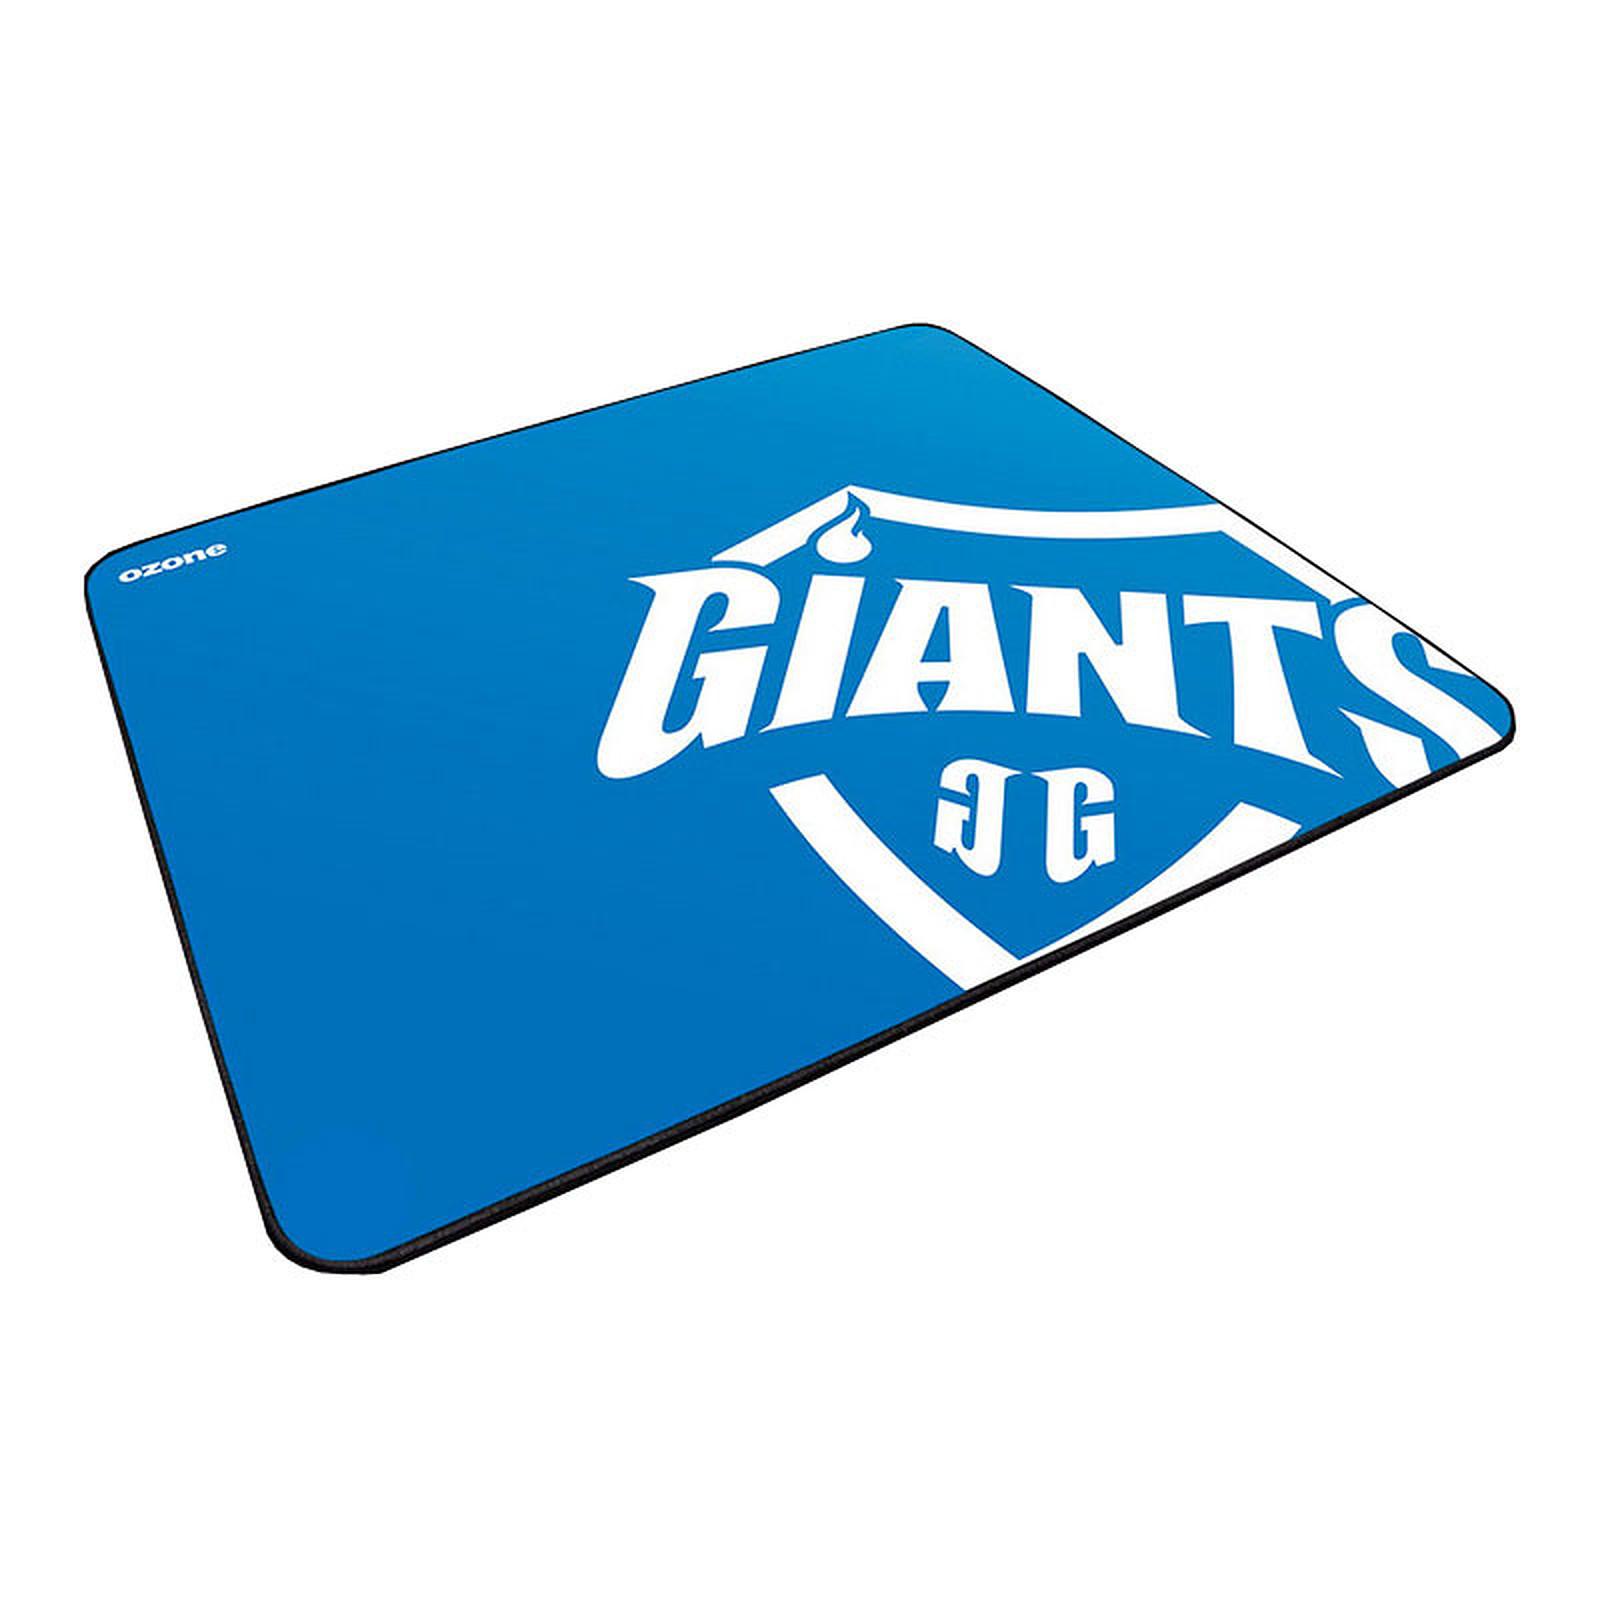 Ozone Giants